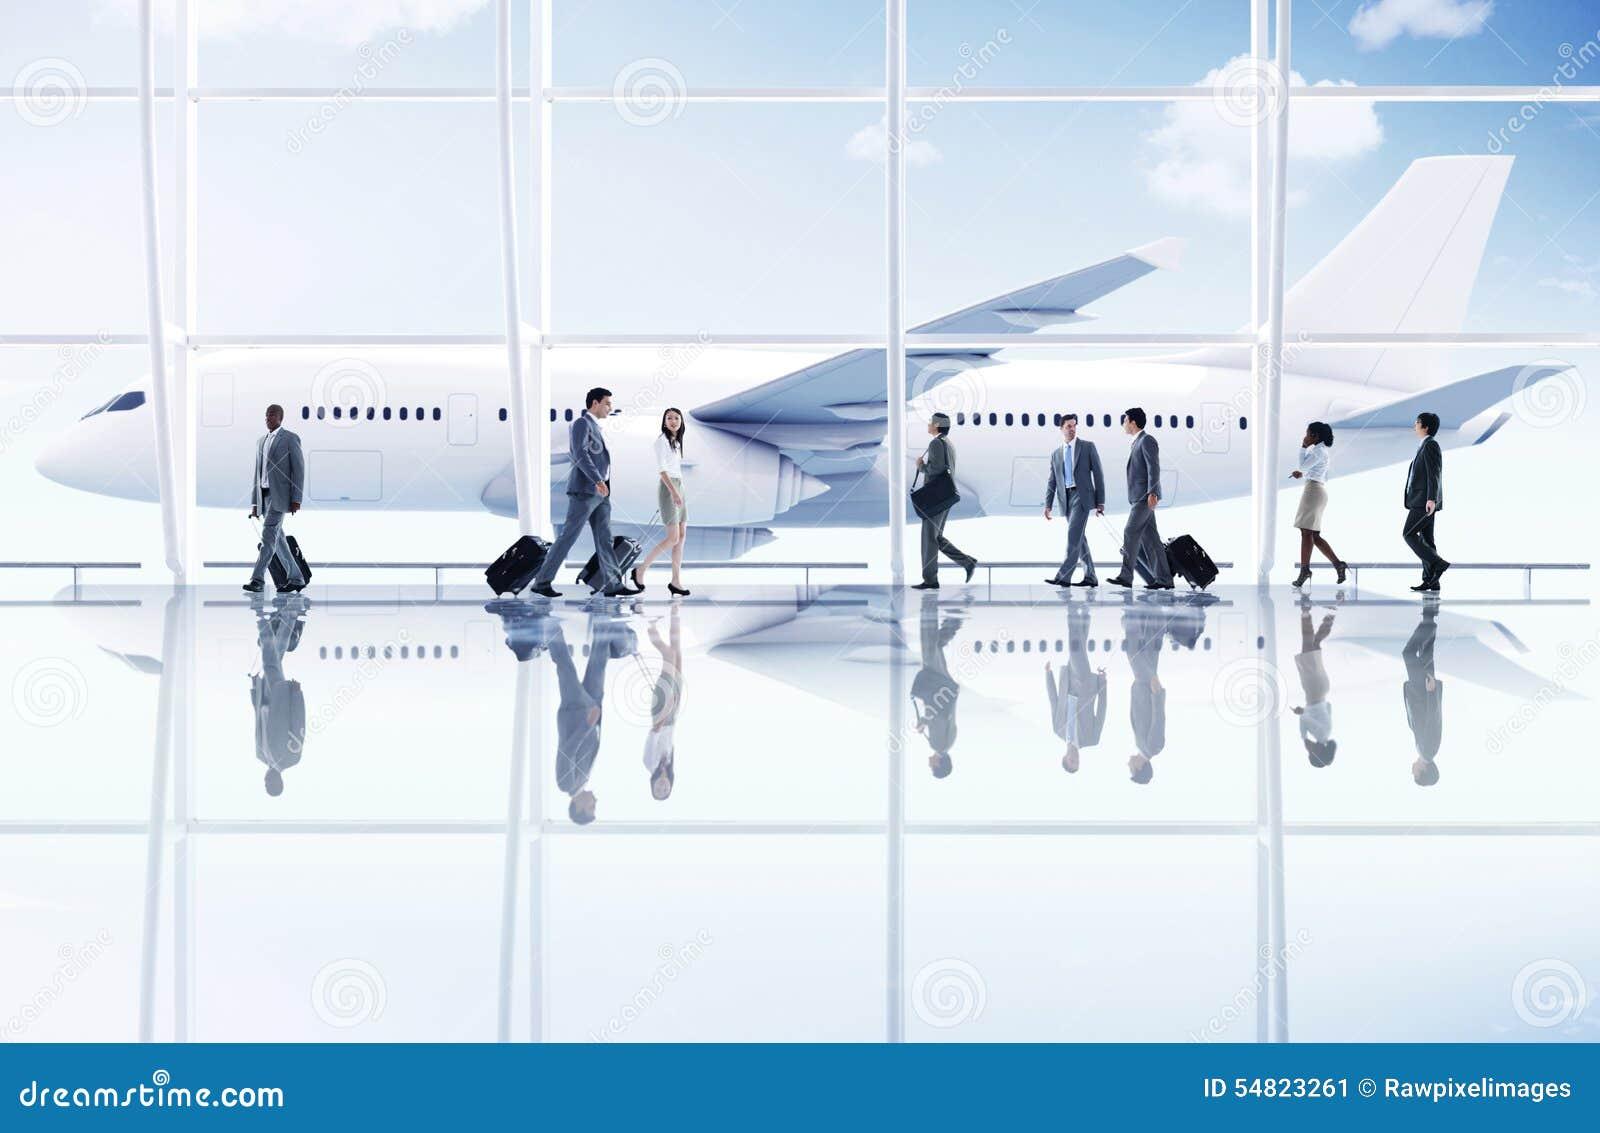 Conceito do avião do transporte da viagem de negócios do curso do aeroporto